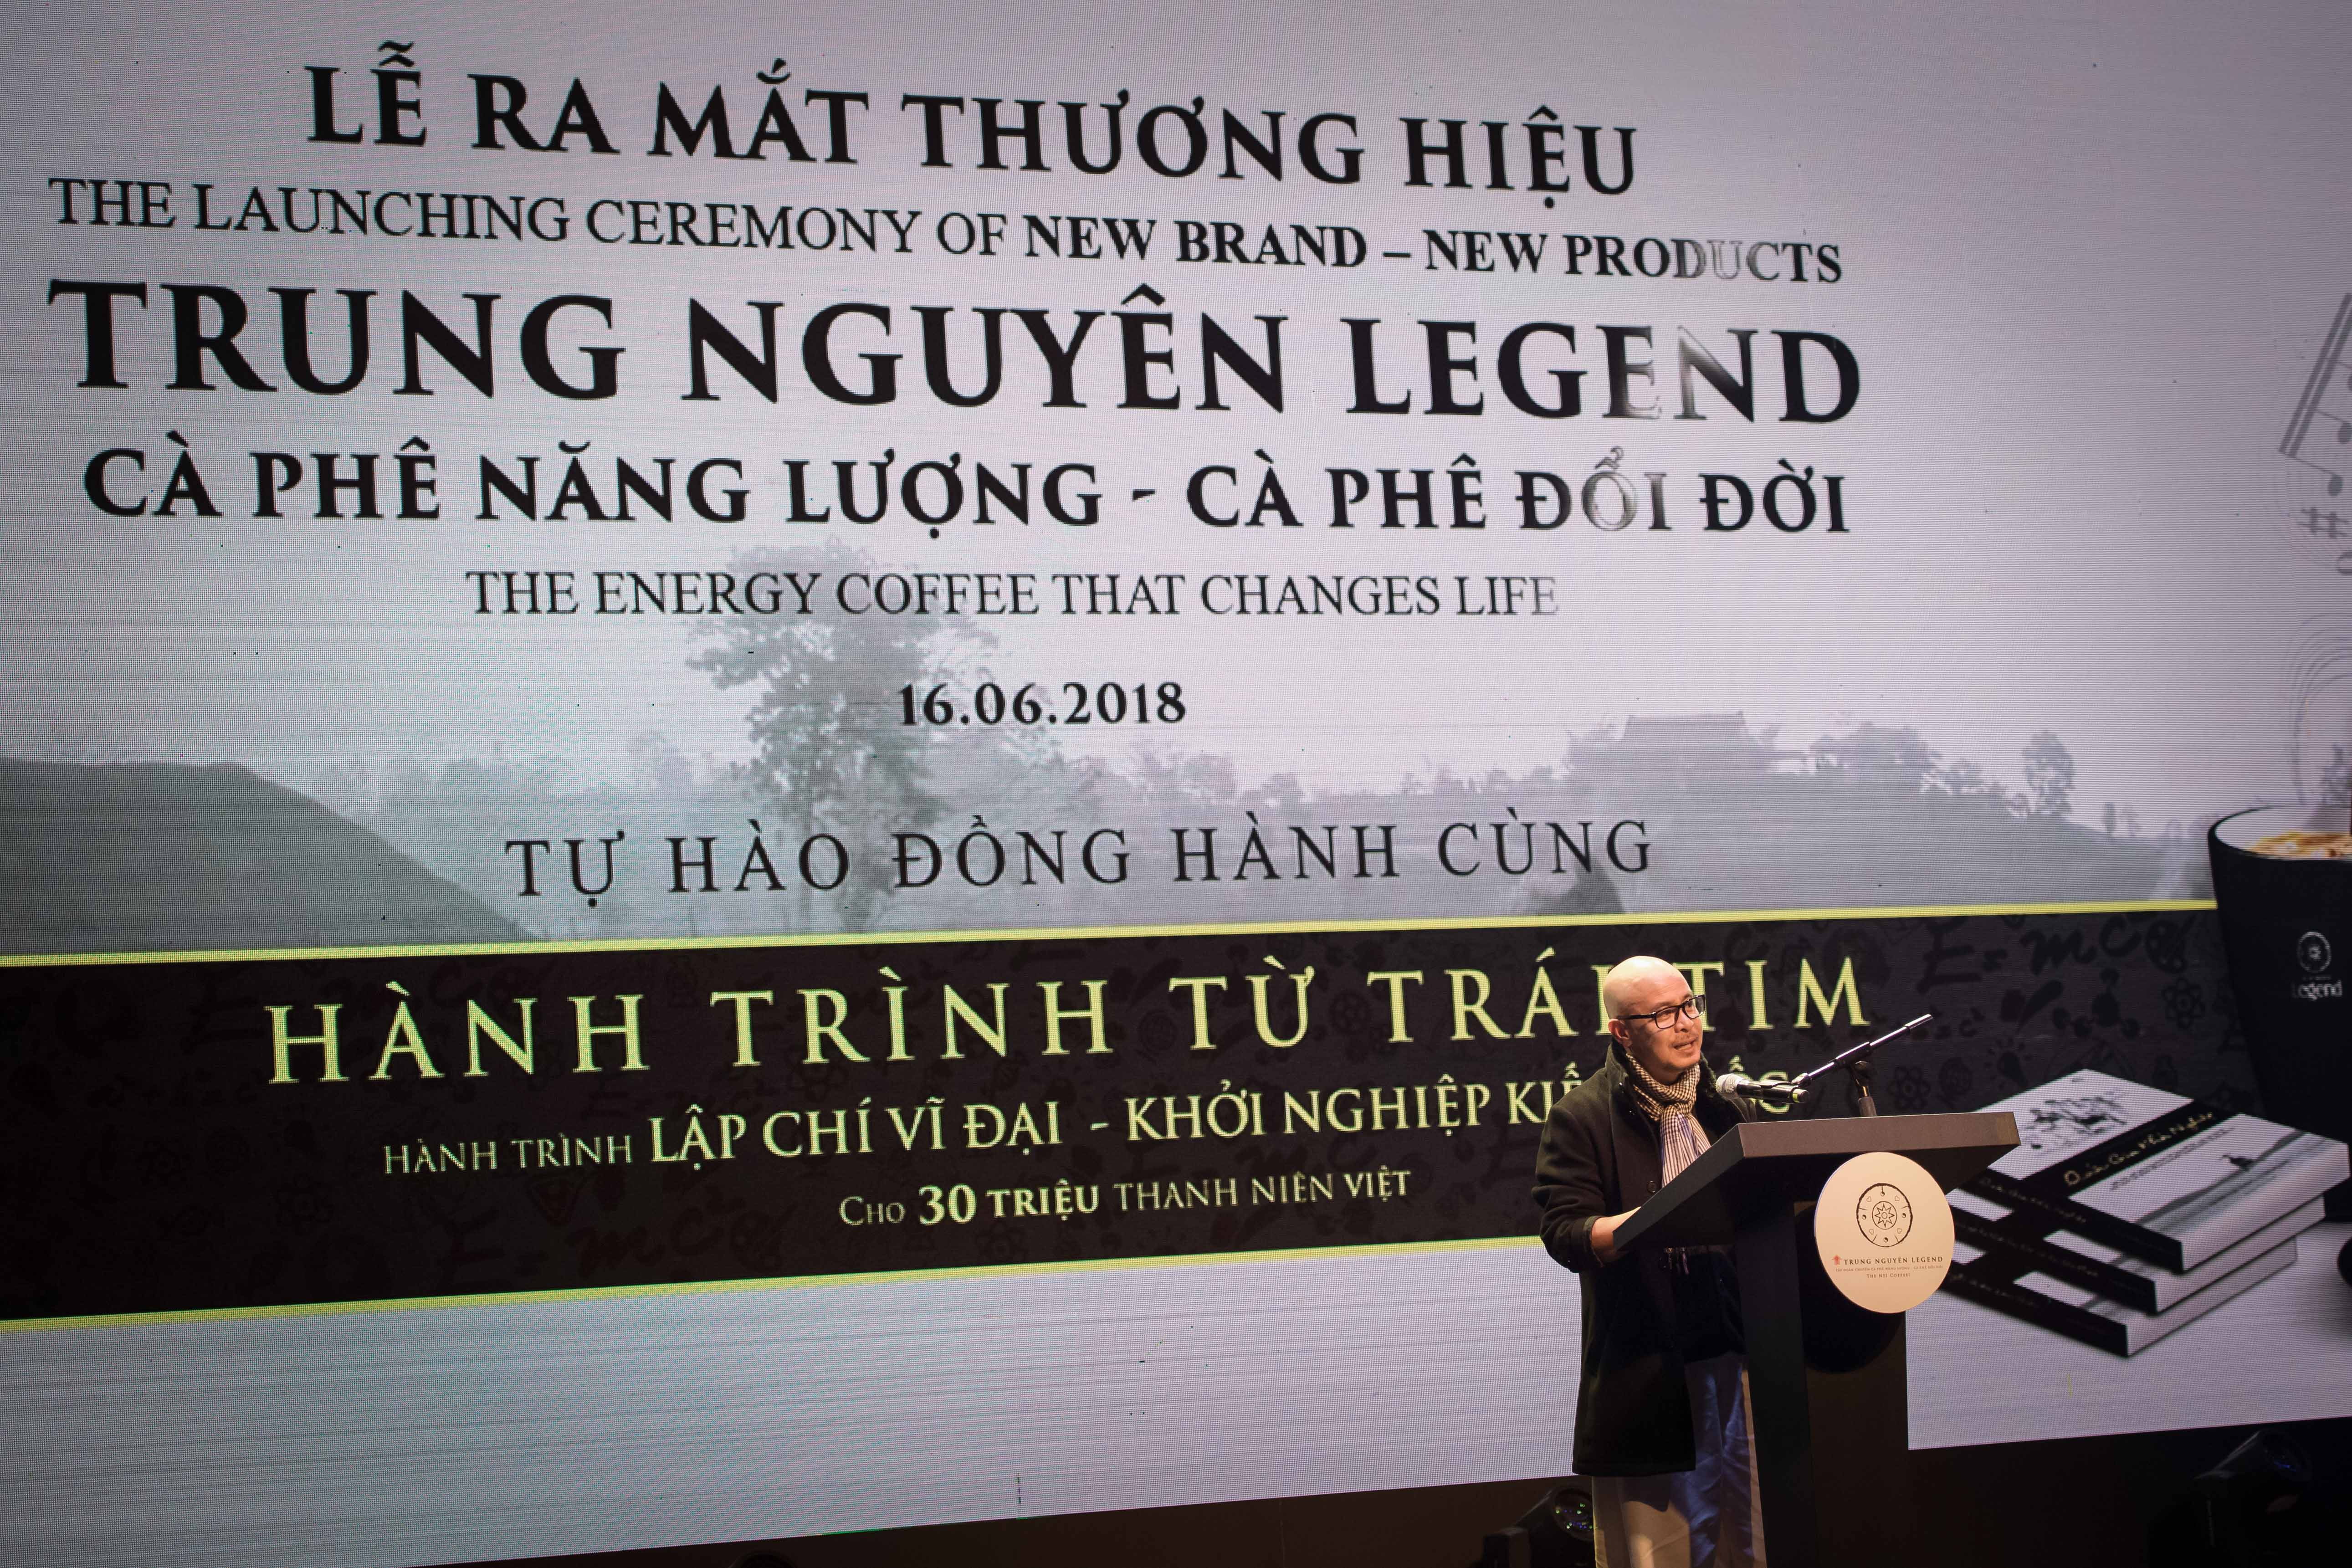 Những lời Dặn dò Gan ruột của CHỦ TỊCH ĐẶNG LÊ NGUYÊN VŨ với ACE Trung Nguyên Legend